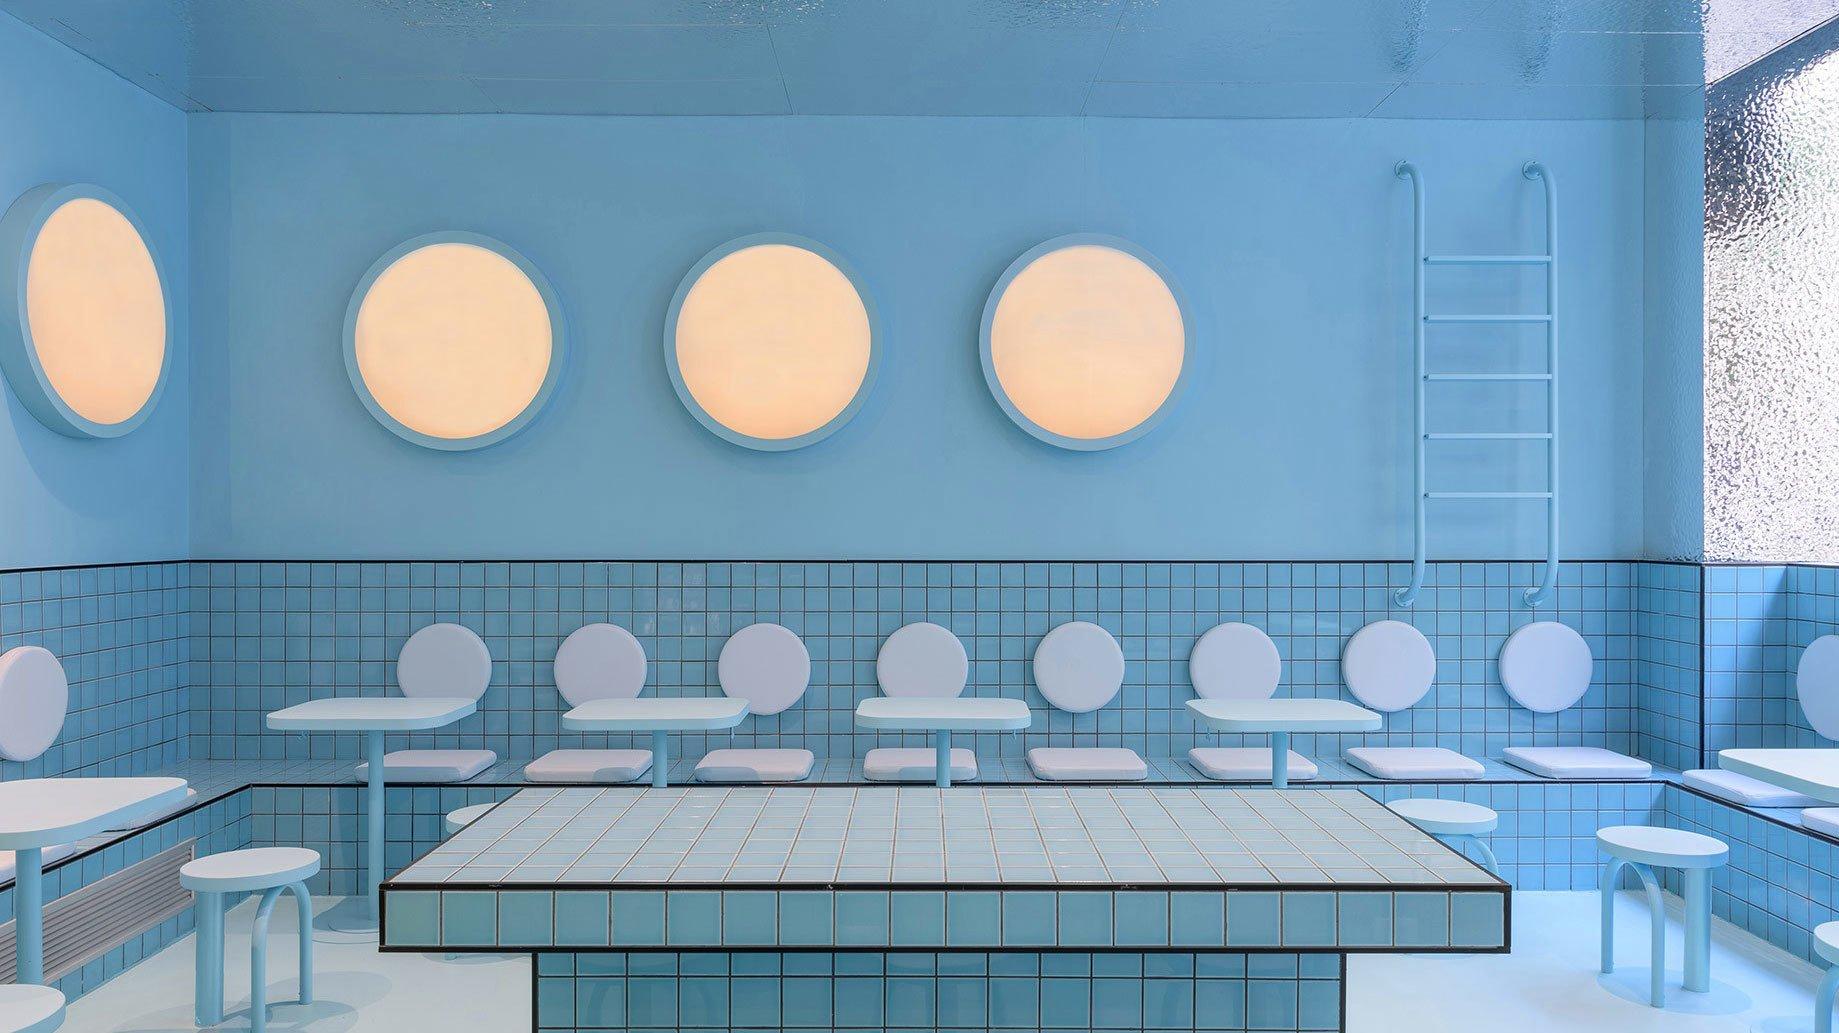 Keramischer Normcore erobert die Interiorwelt in Form von quadratischen Fliesen. Sie schmücken Wände und Böden in Shops oder Restaurants und lassen so manches Lokal aussehen wie das Becken eines Pools.